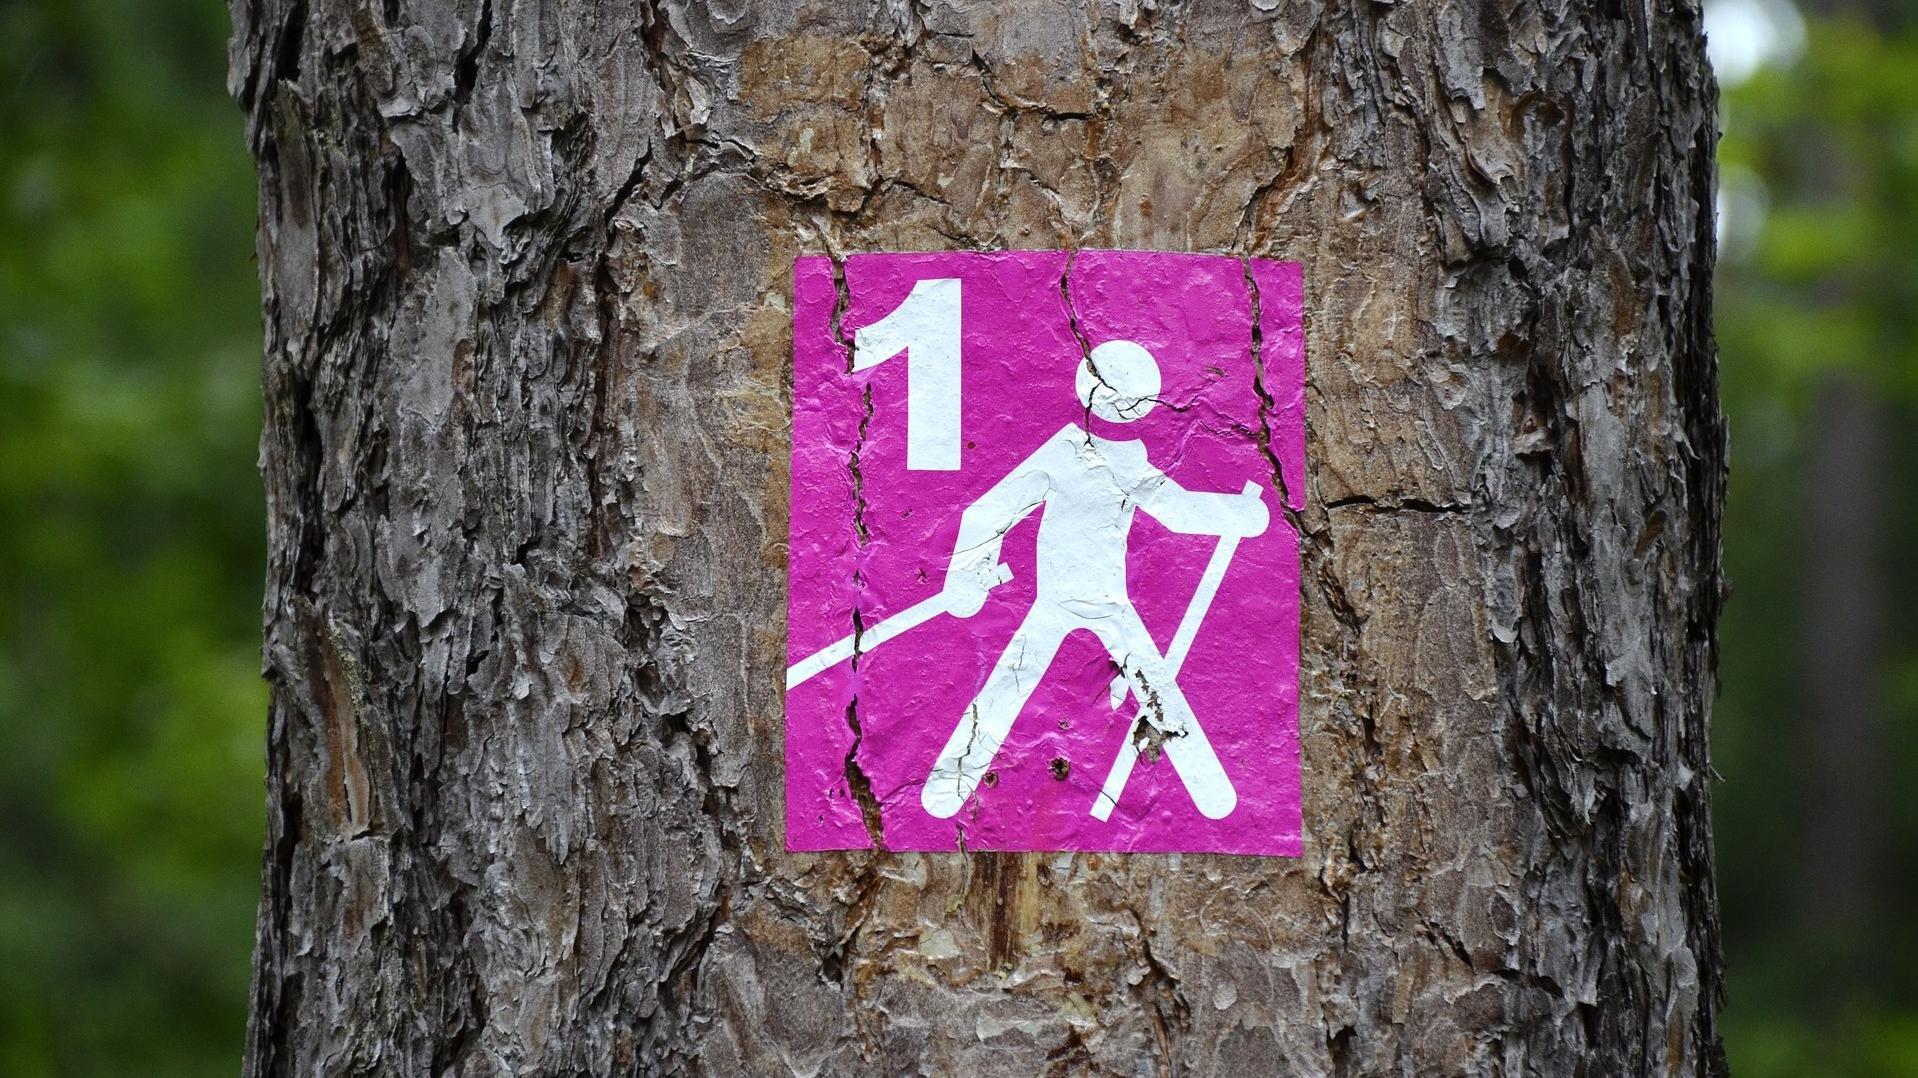 Mit Nordic Walking können Sie gelenkschonend abnehmen und Ihre Fitness verbessern.